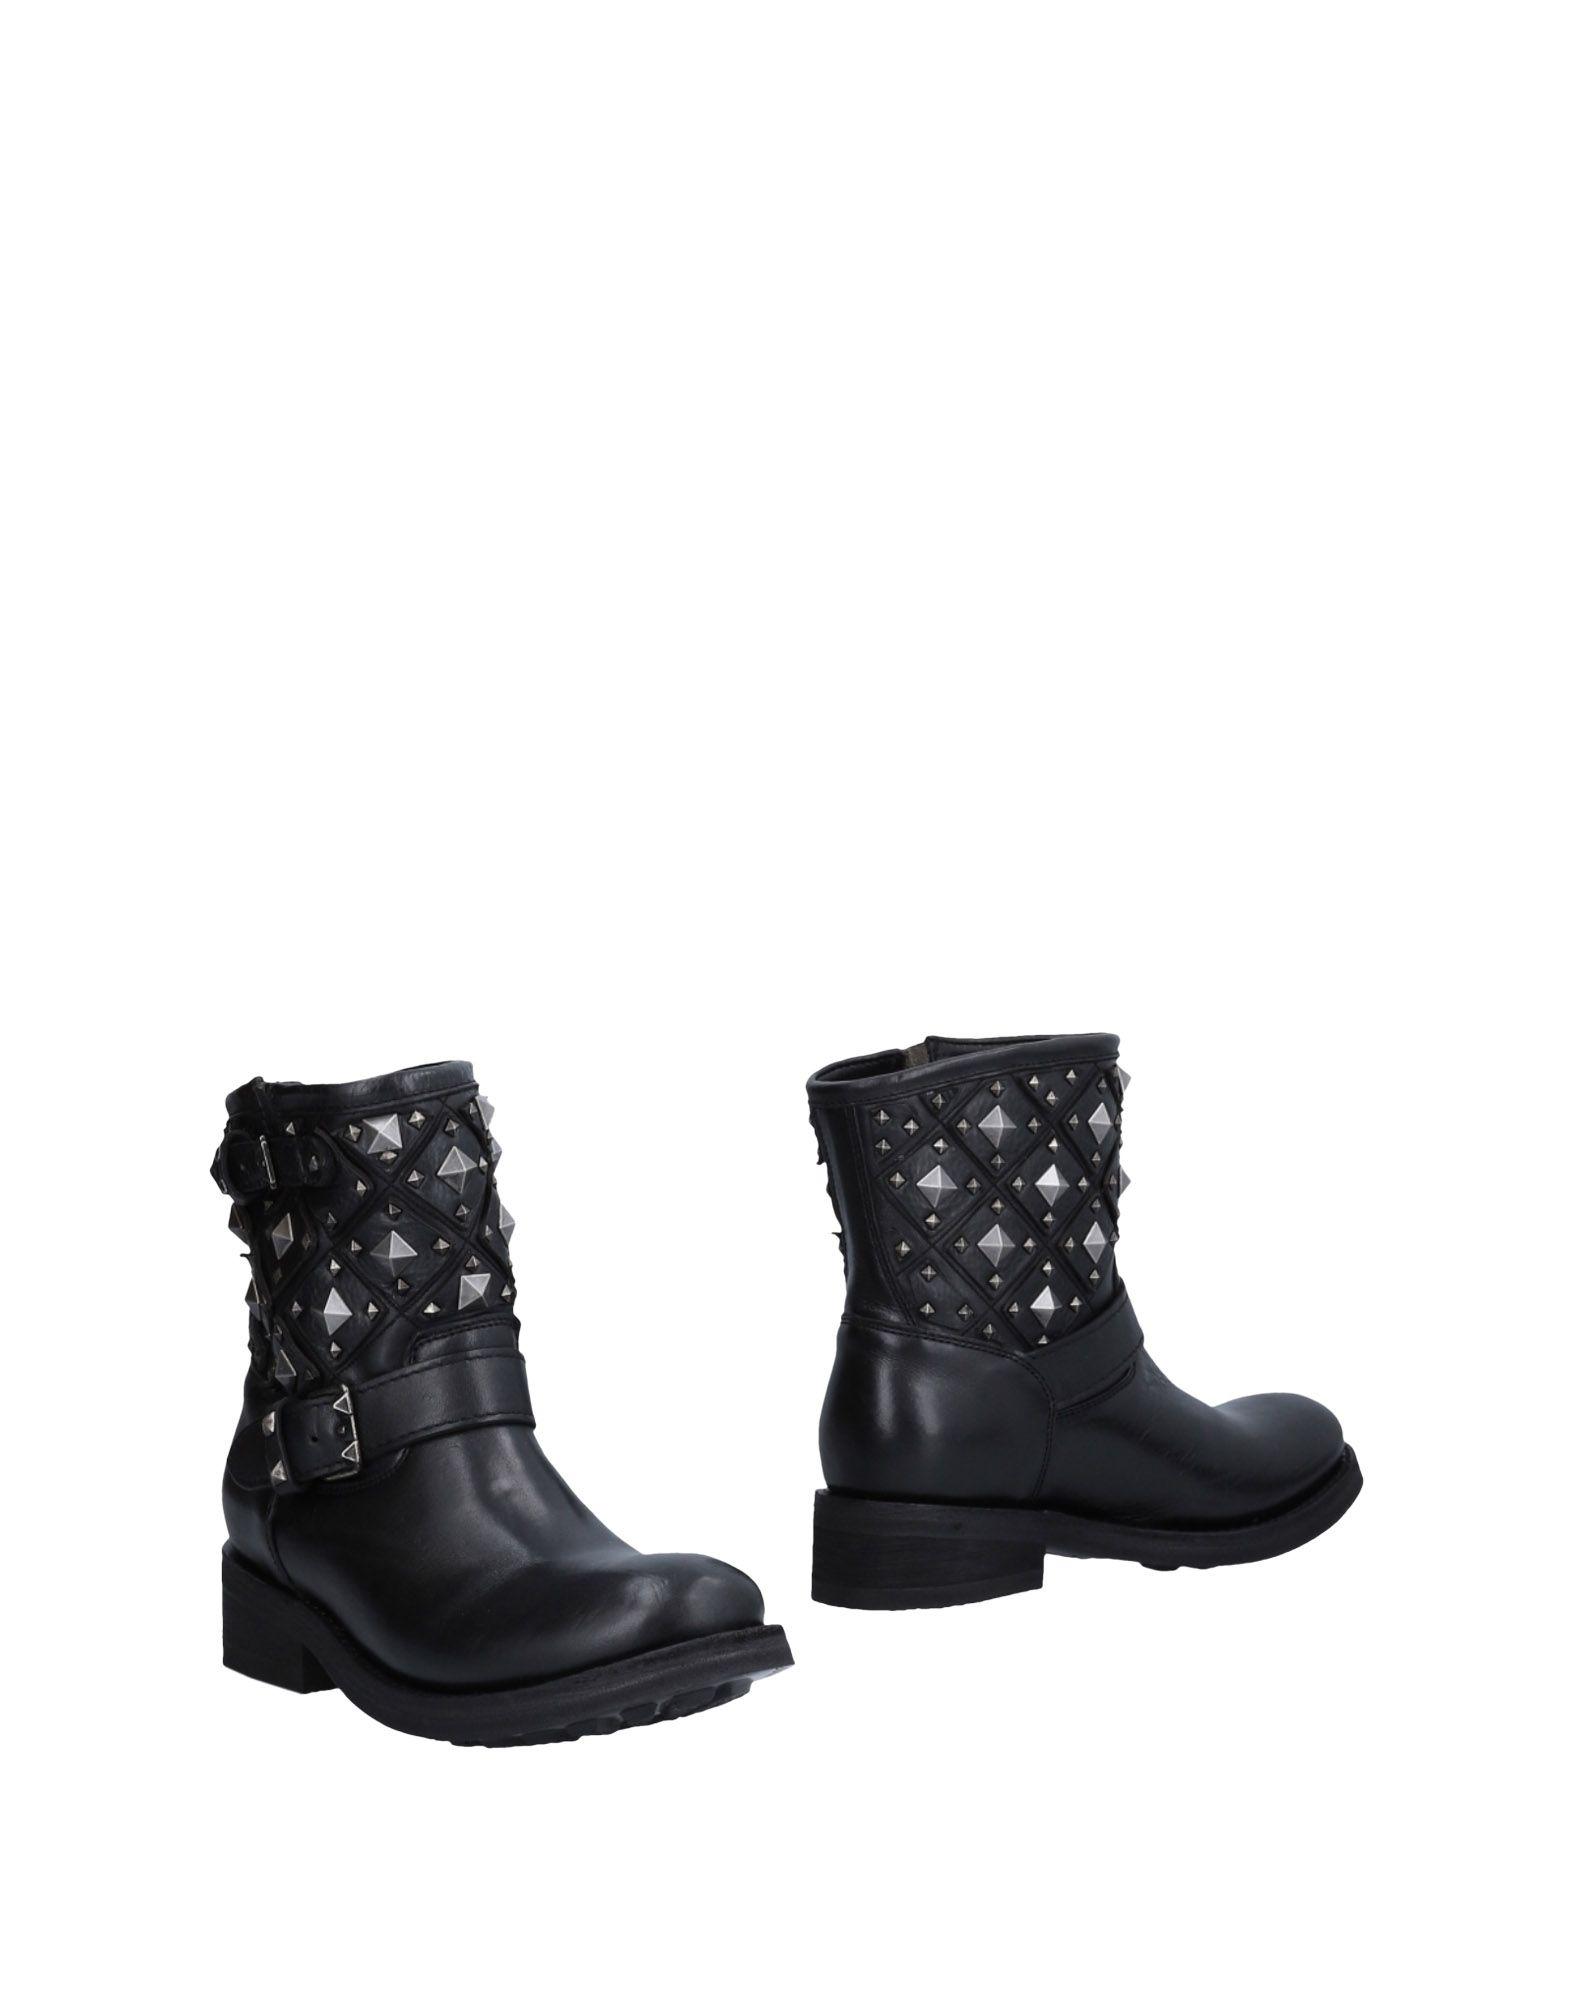 Stiefelette Ash Stiefelette  Damen  11483993OU Heiße Schuhe d3a9e2